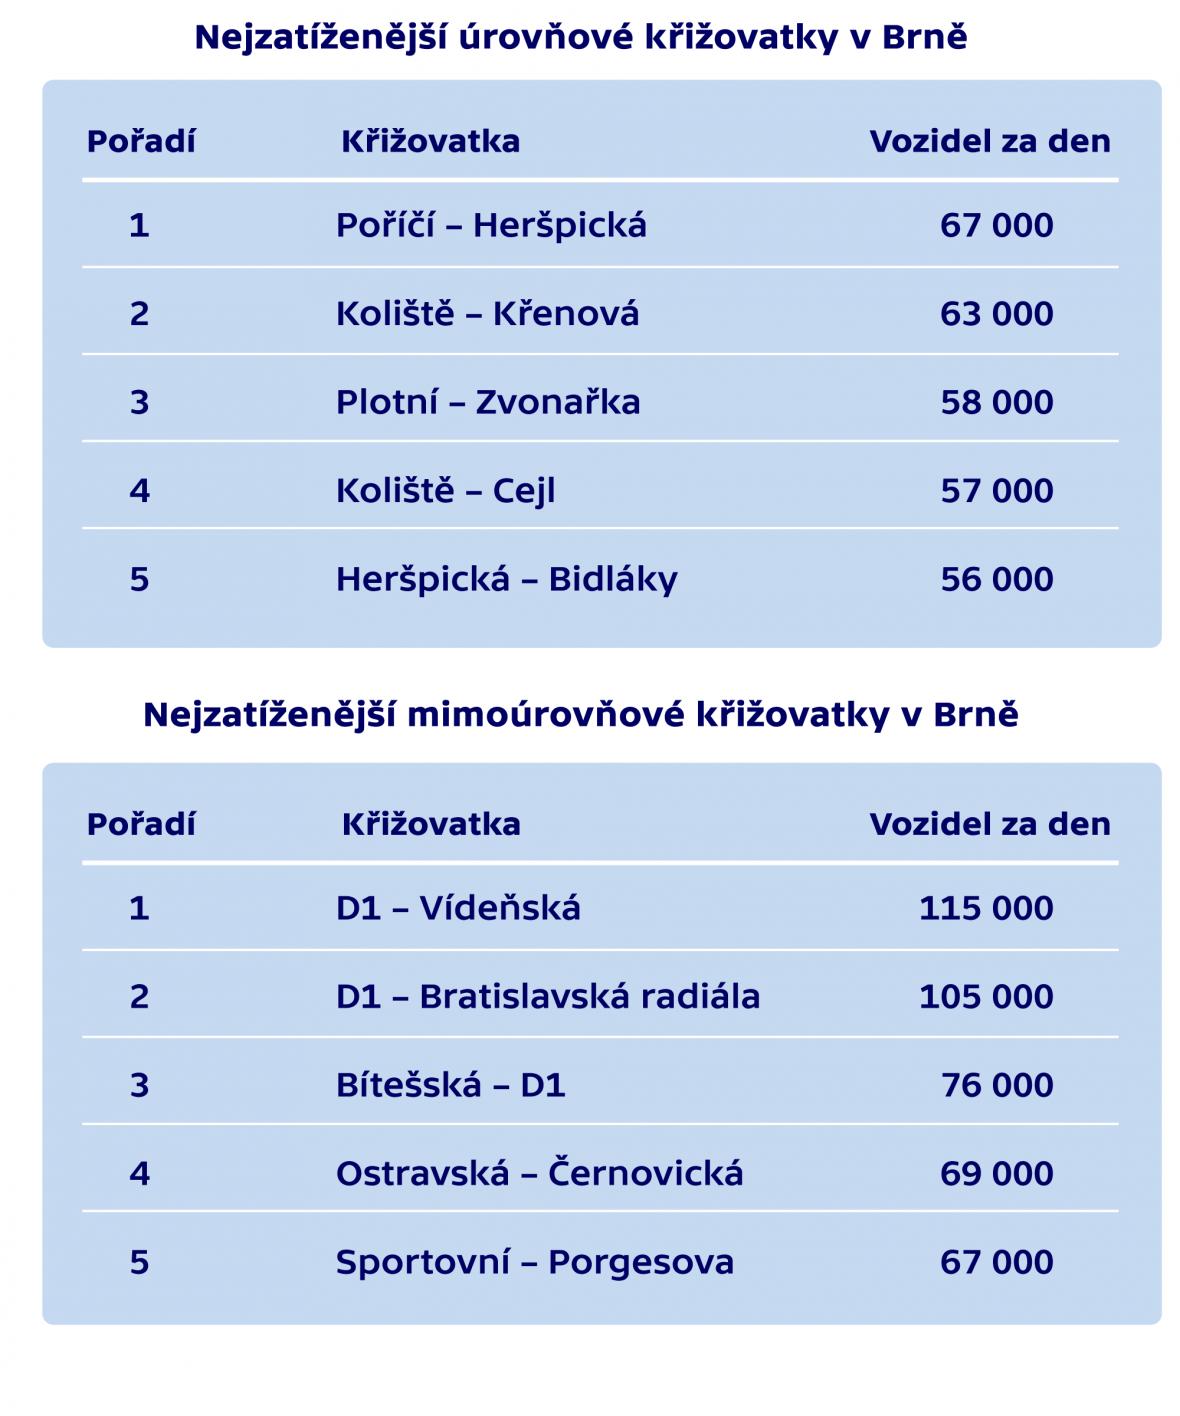 Nejzatíženější úrovňové a mimoúrovňové křižovatky v Brně